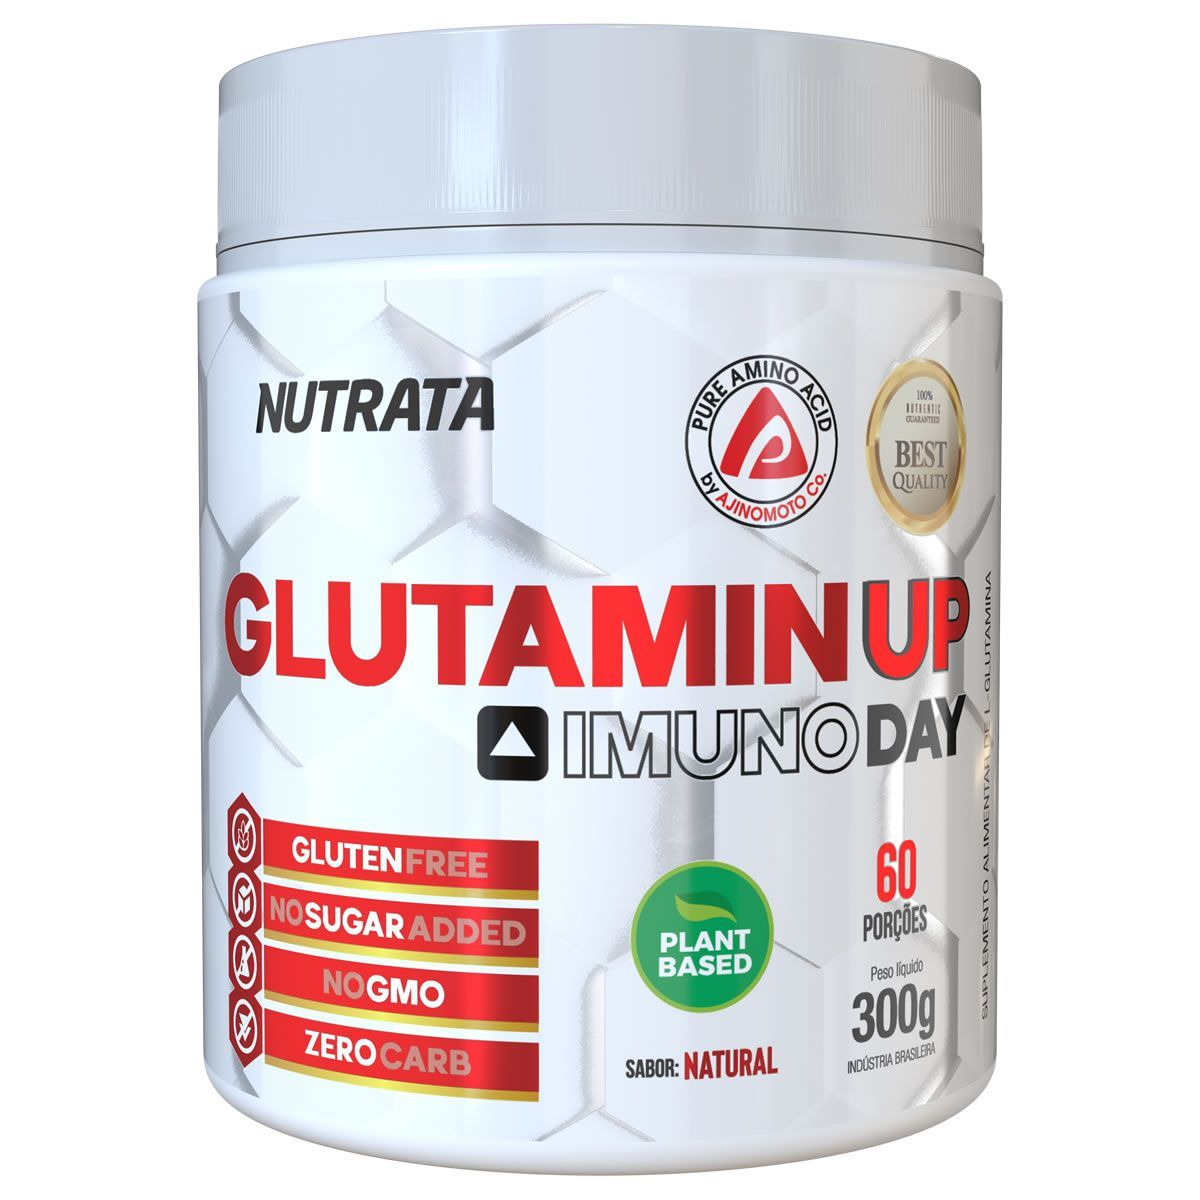 Glutamin Up 300g Nutrata